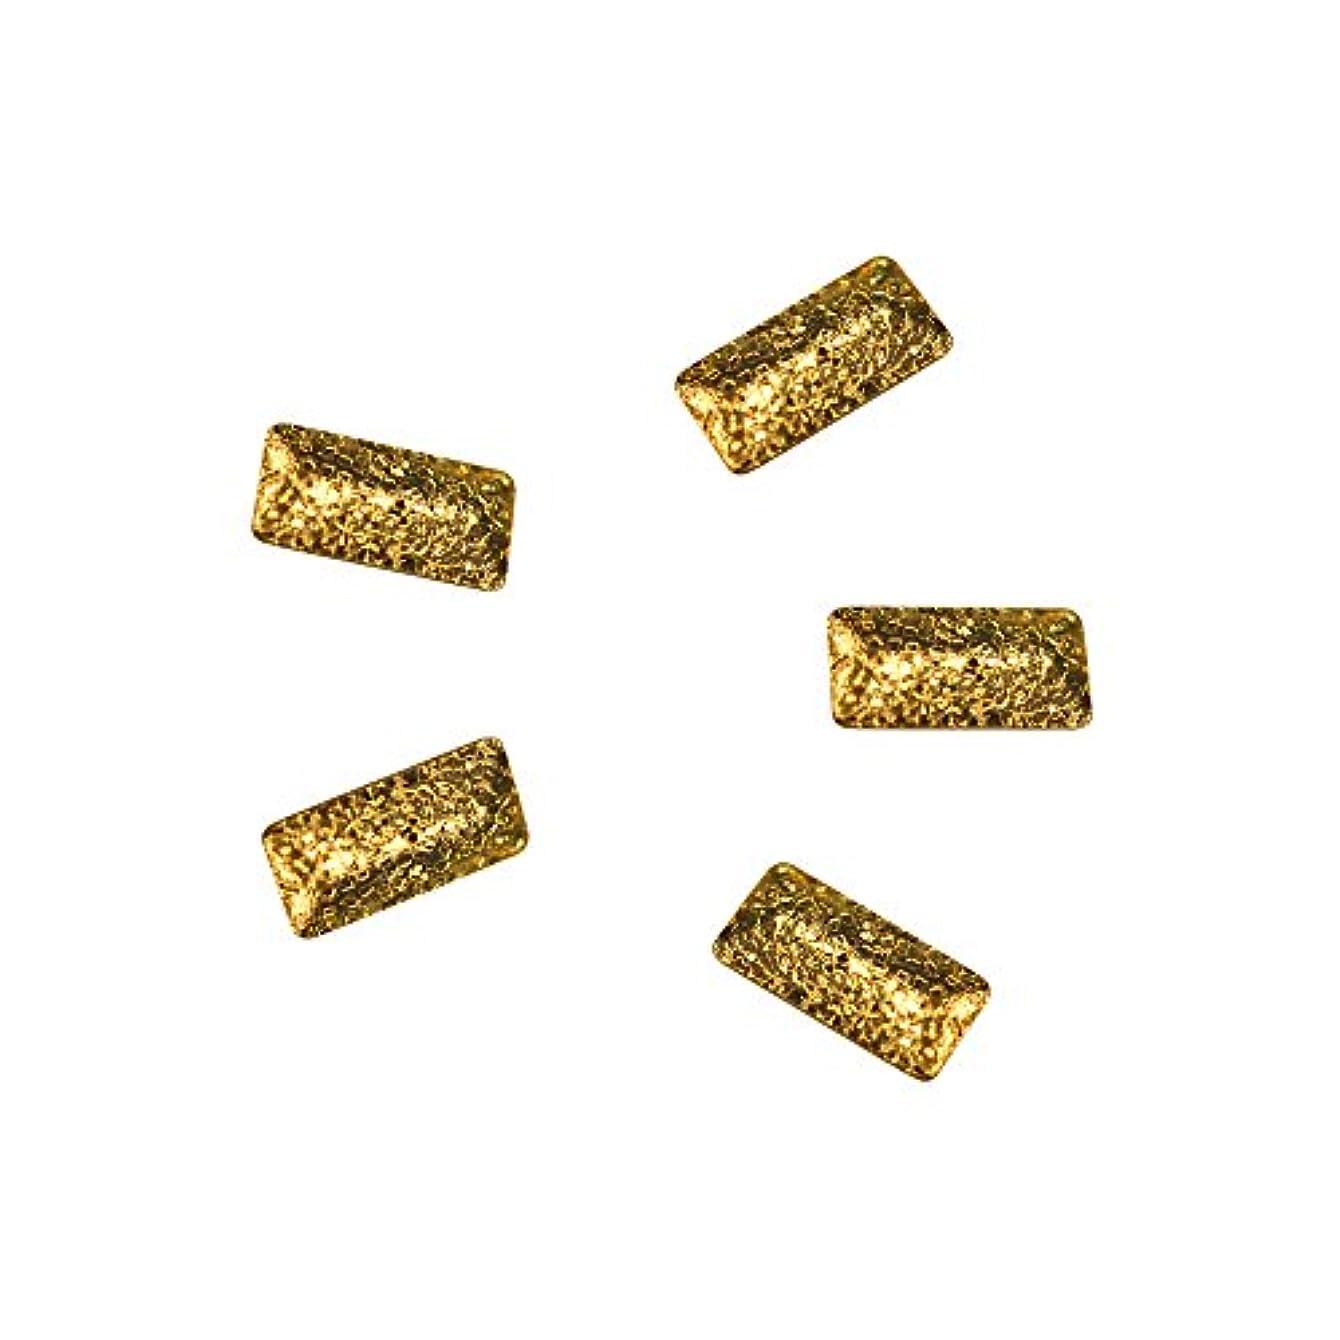 罪悪感抑制半径Bonnail ラフスタッズゴールド レクタングル 3×1.2mm 30P